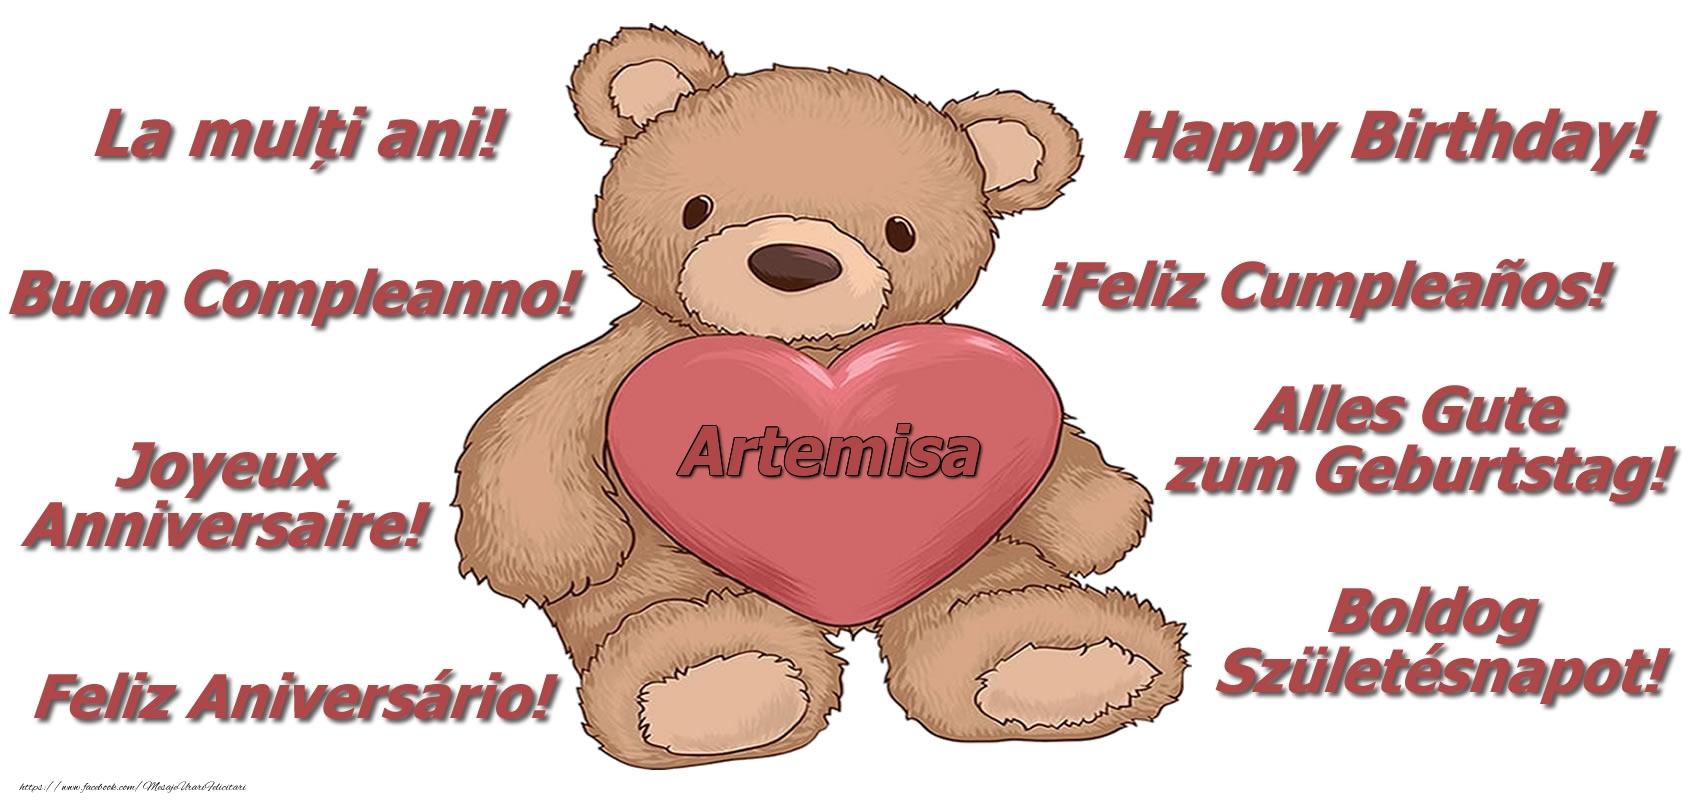 Felicitari de zi de nastere - La multi ani Artemisa! - Ursulet